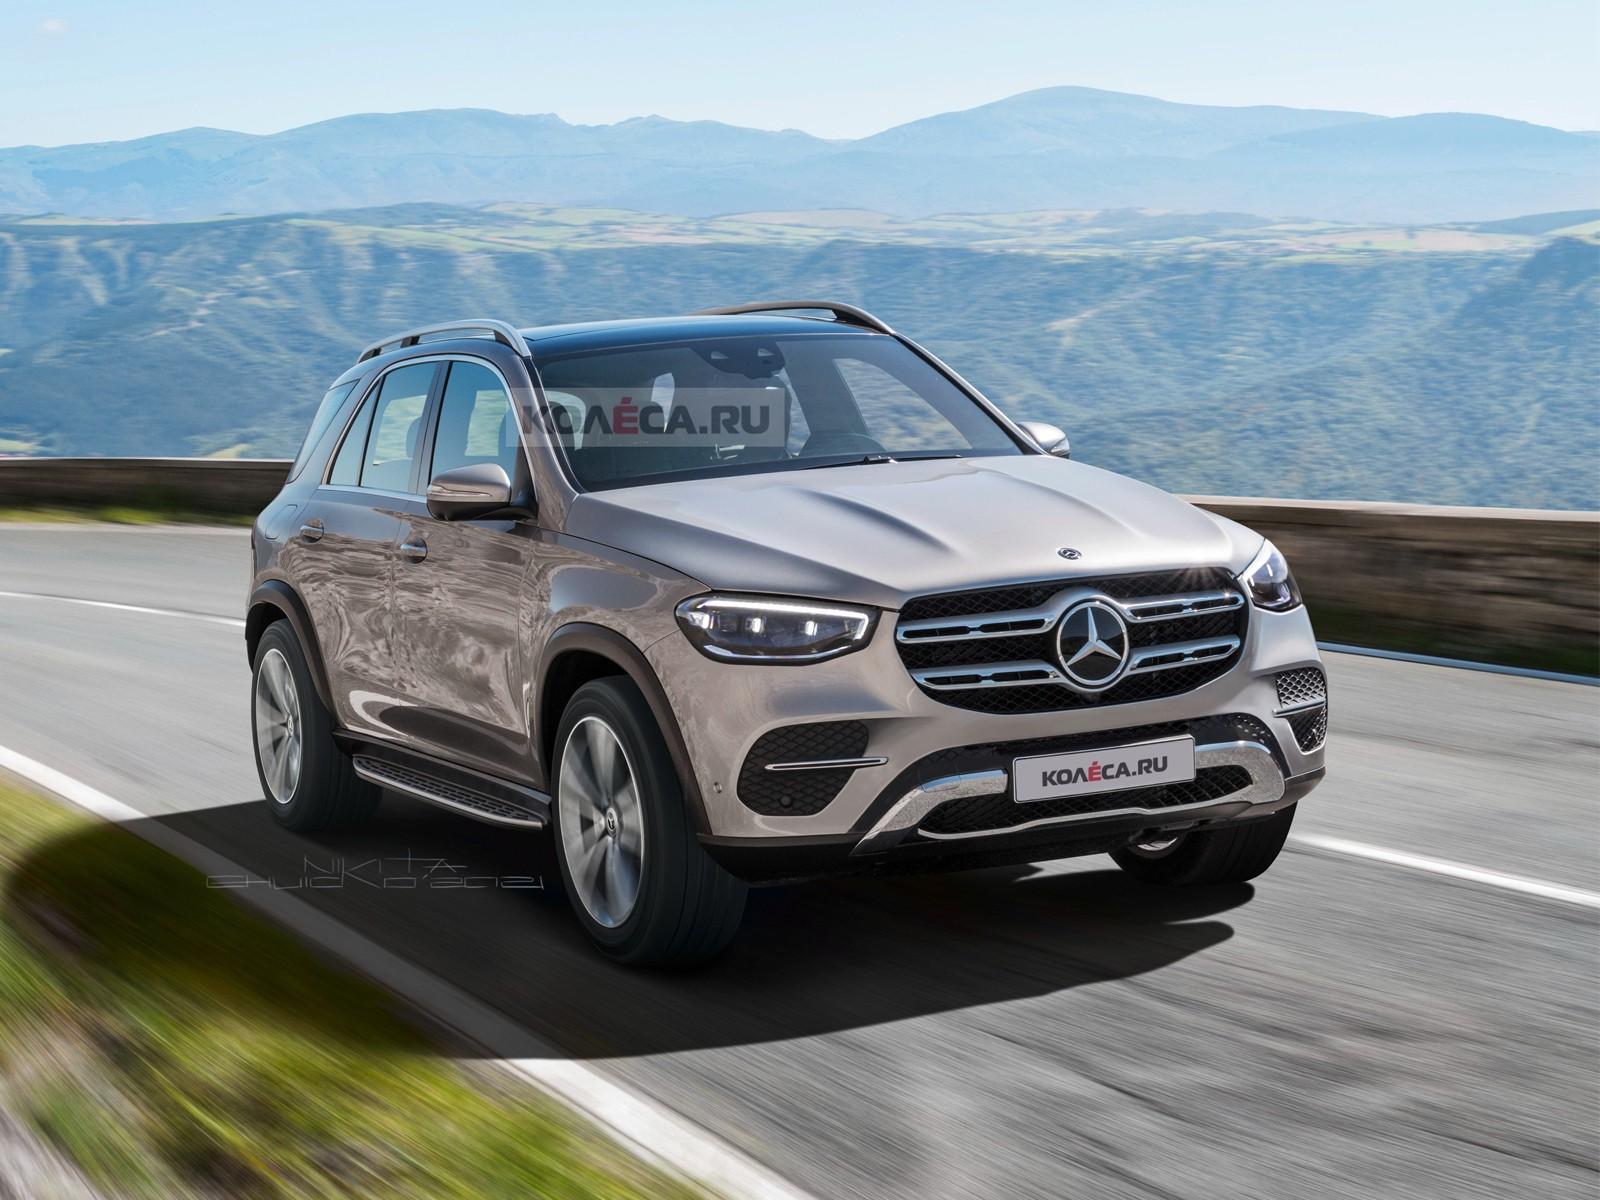 Обновлённый Mercedes-Benz GLE: первые изображения